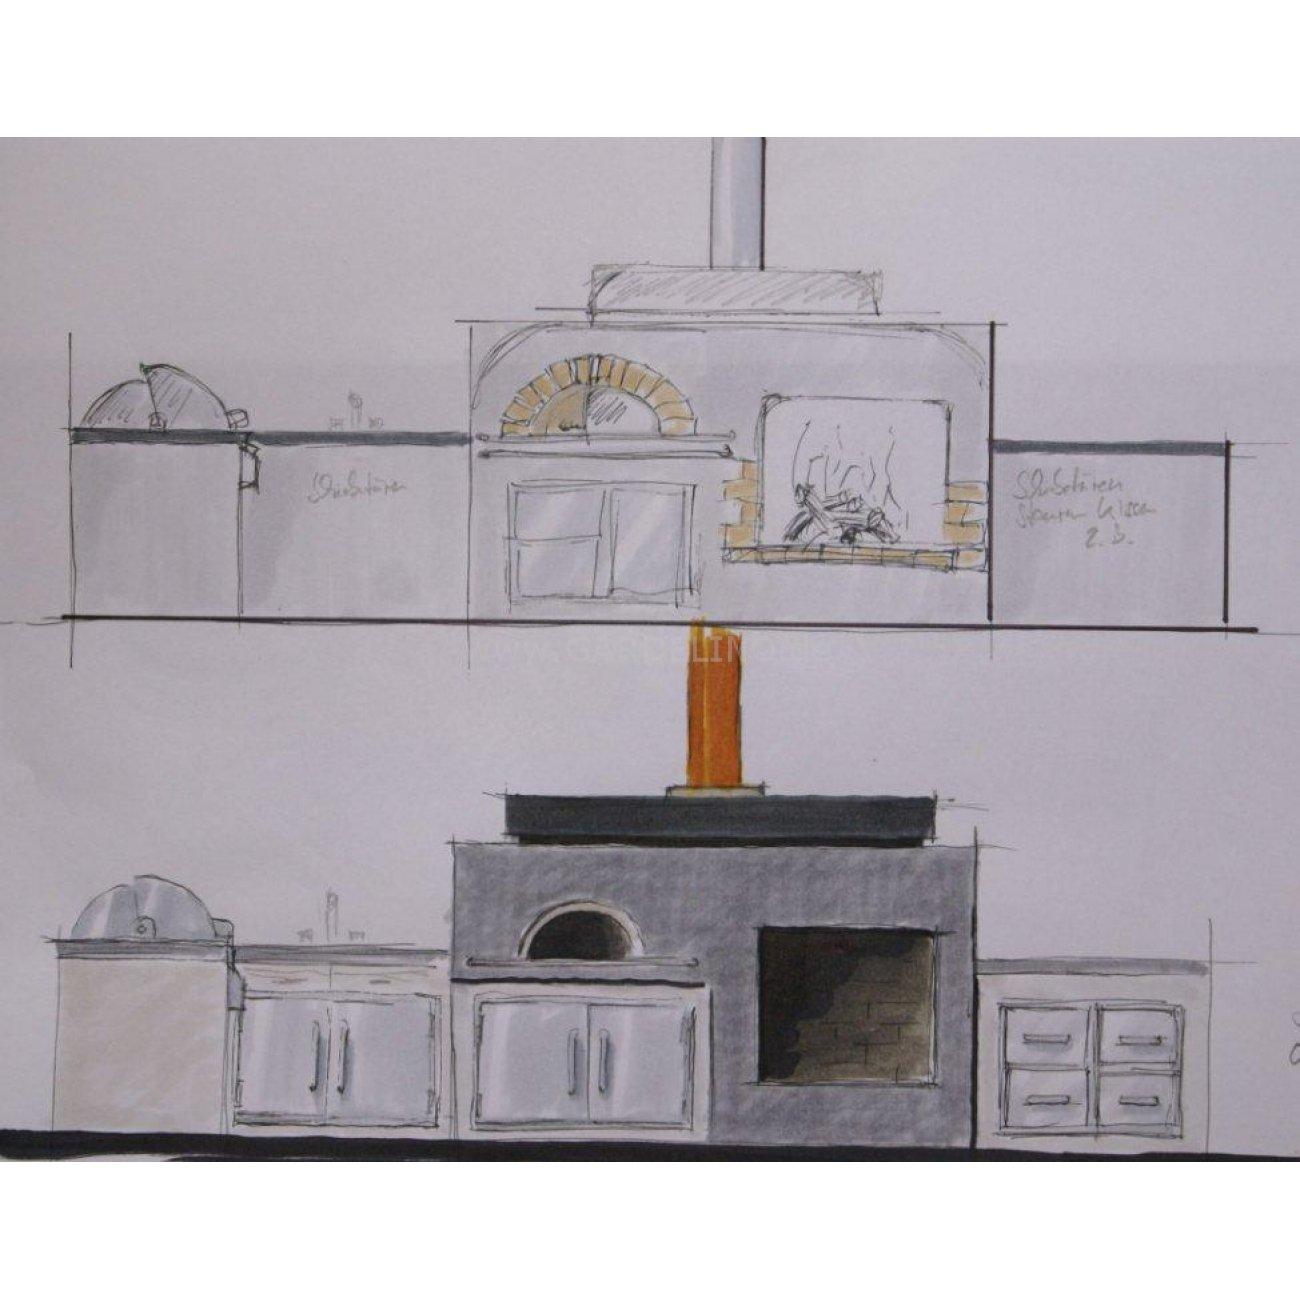 Gemauerte Küchenzeile mit gut ideen für ihr haus design ideen